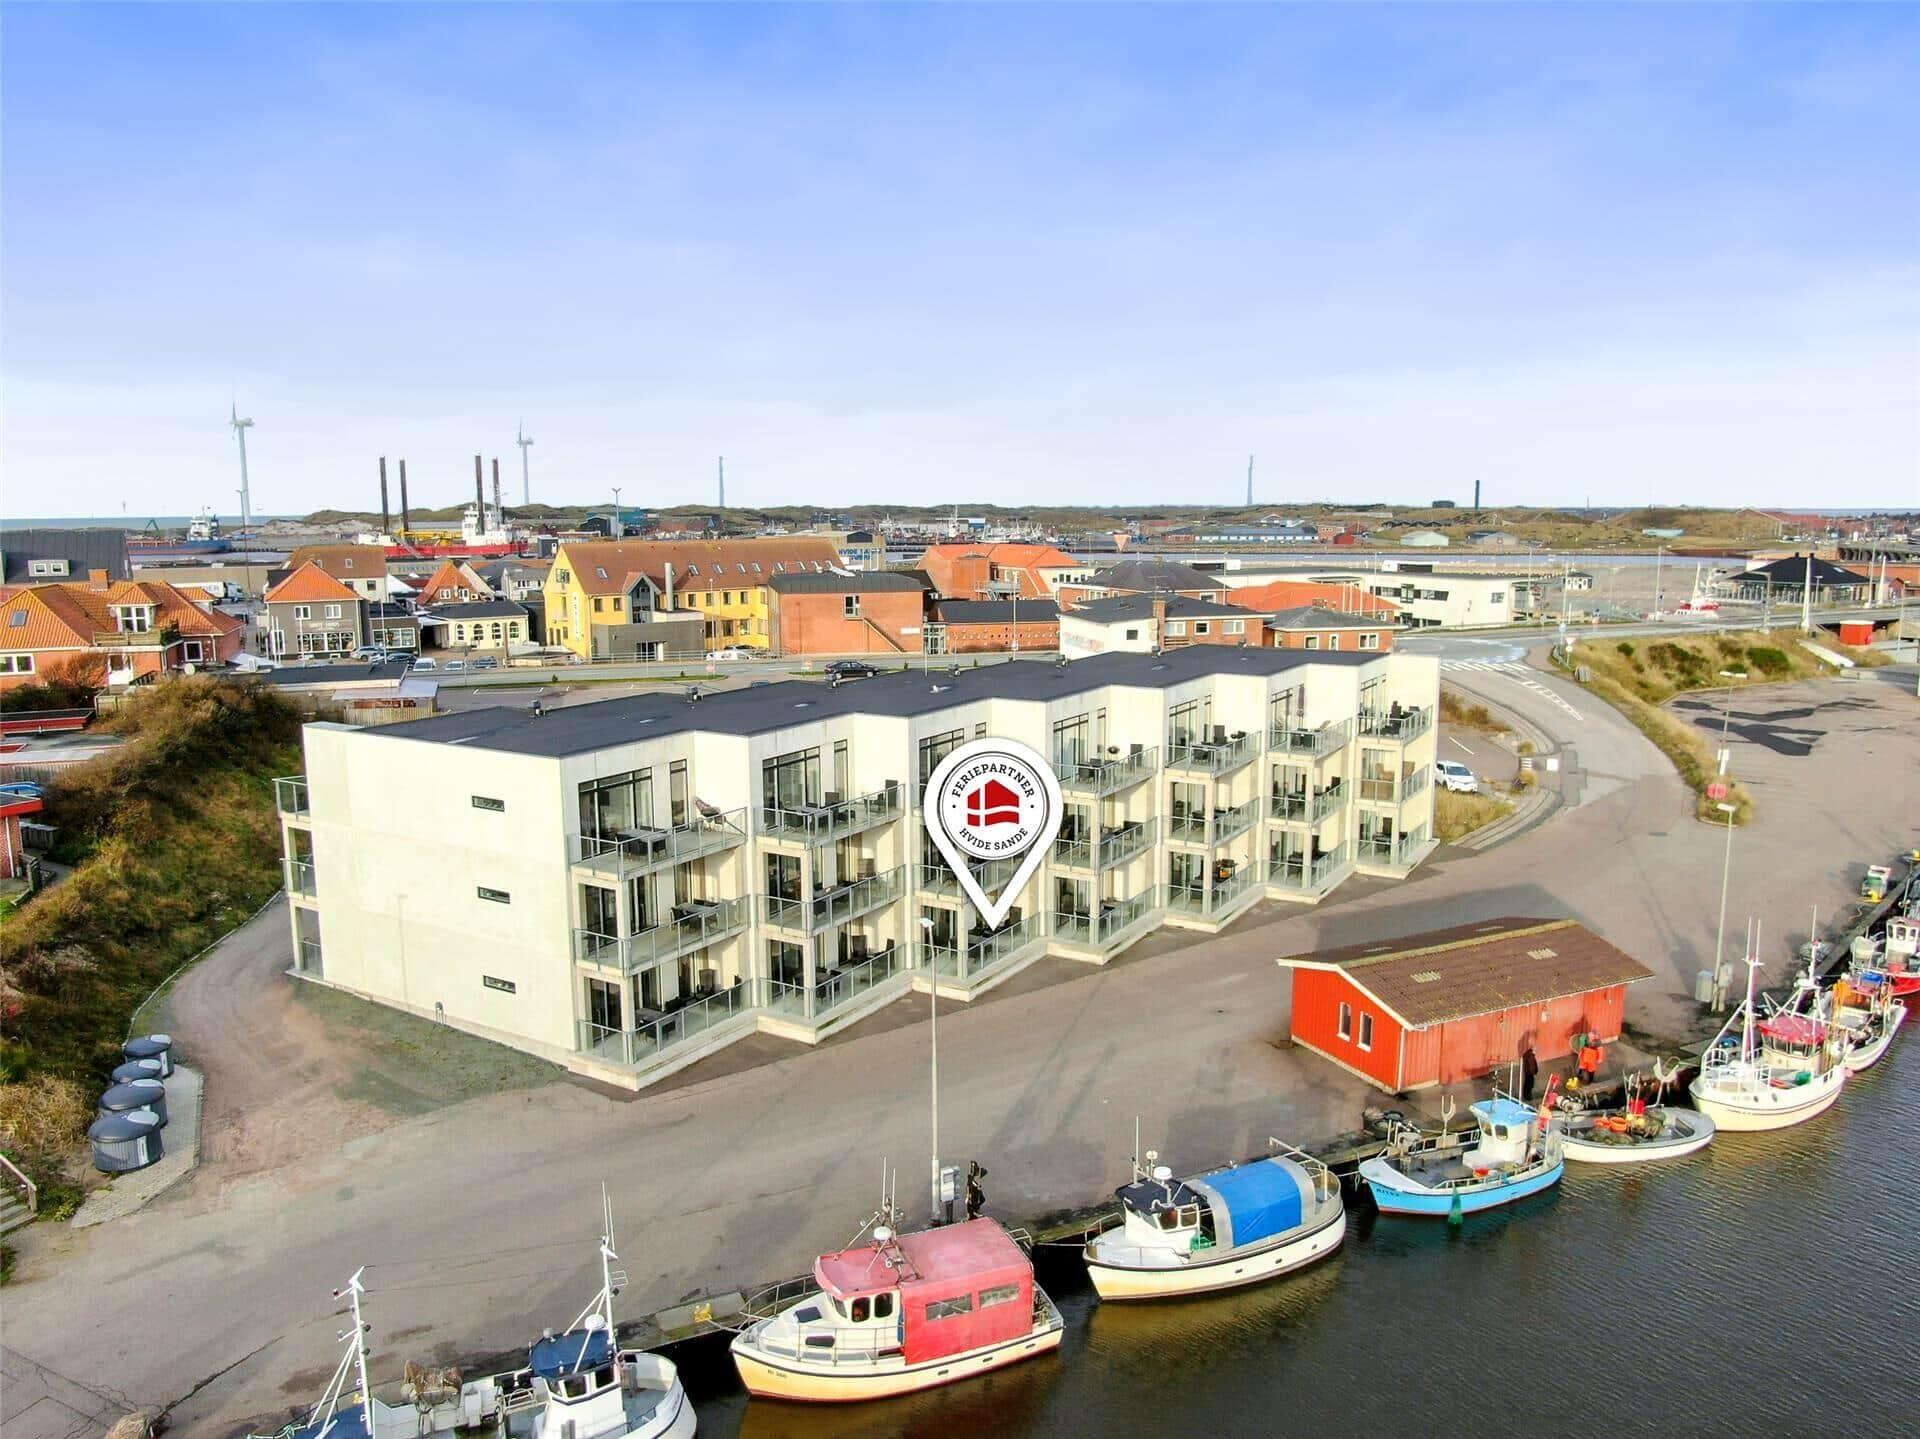 Bild 0-4 Ferienhaus 833, Mamrelund 6, DK - 6960 Hvide Sande